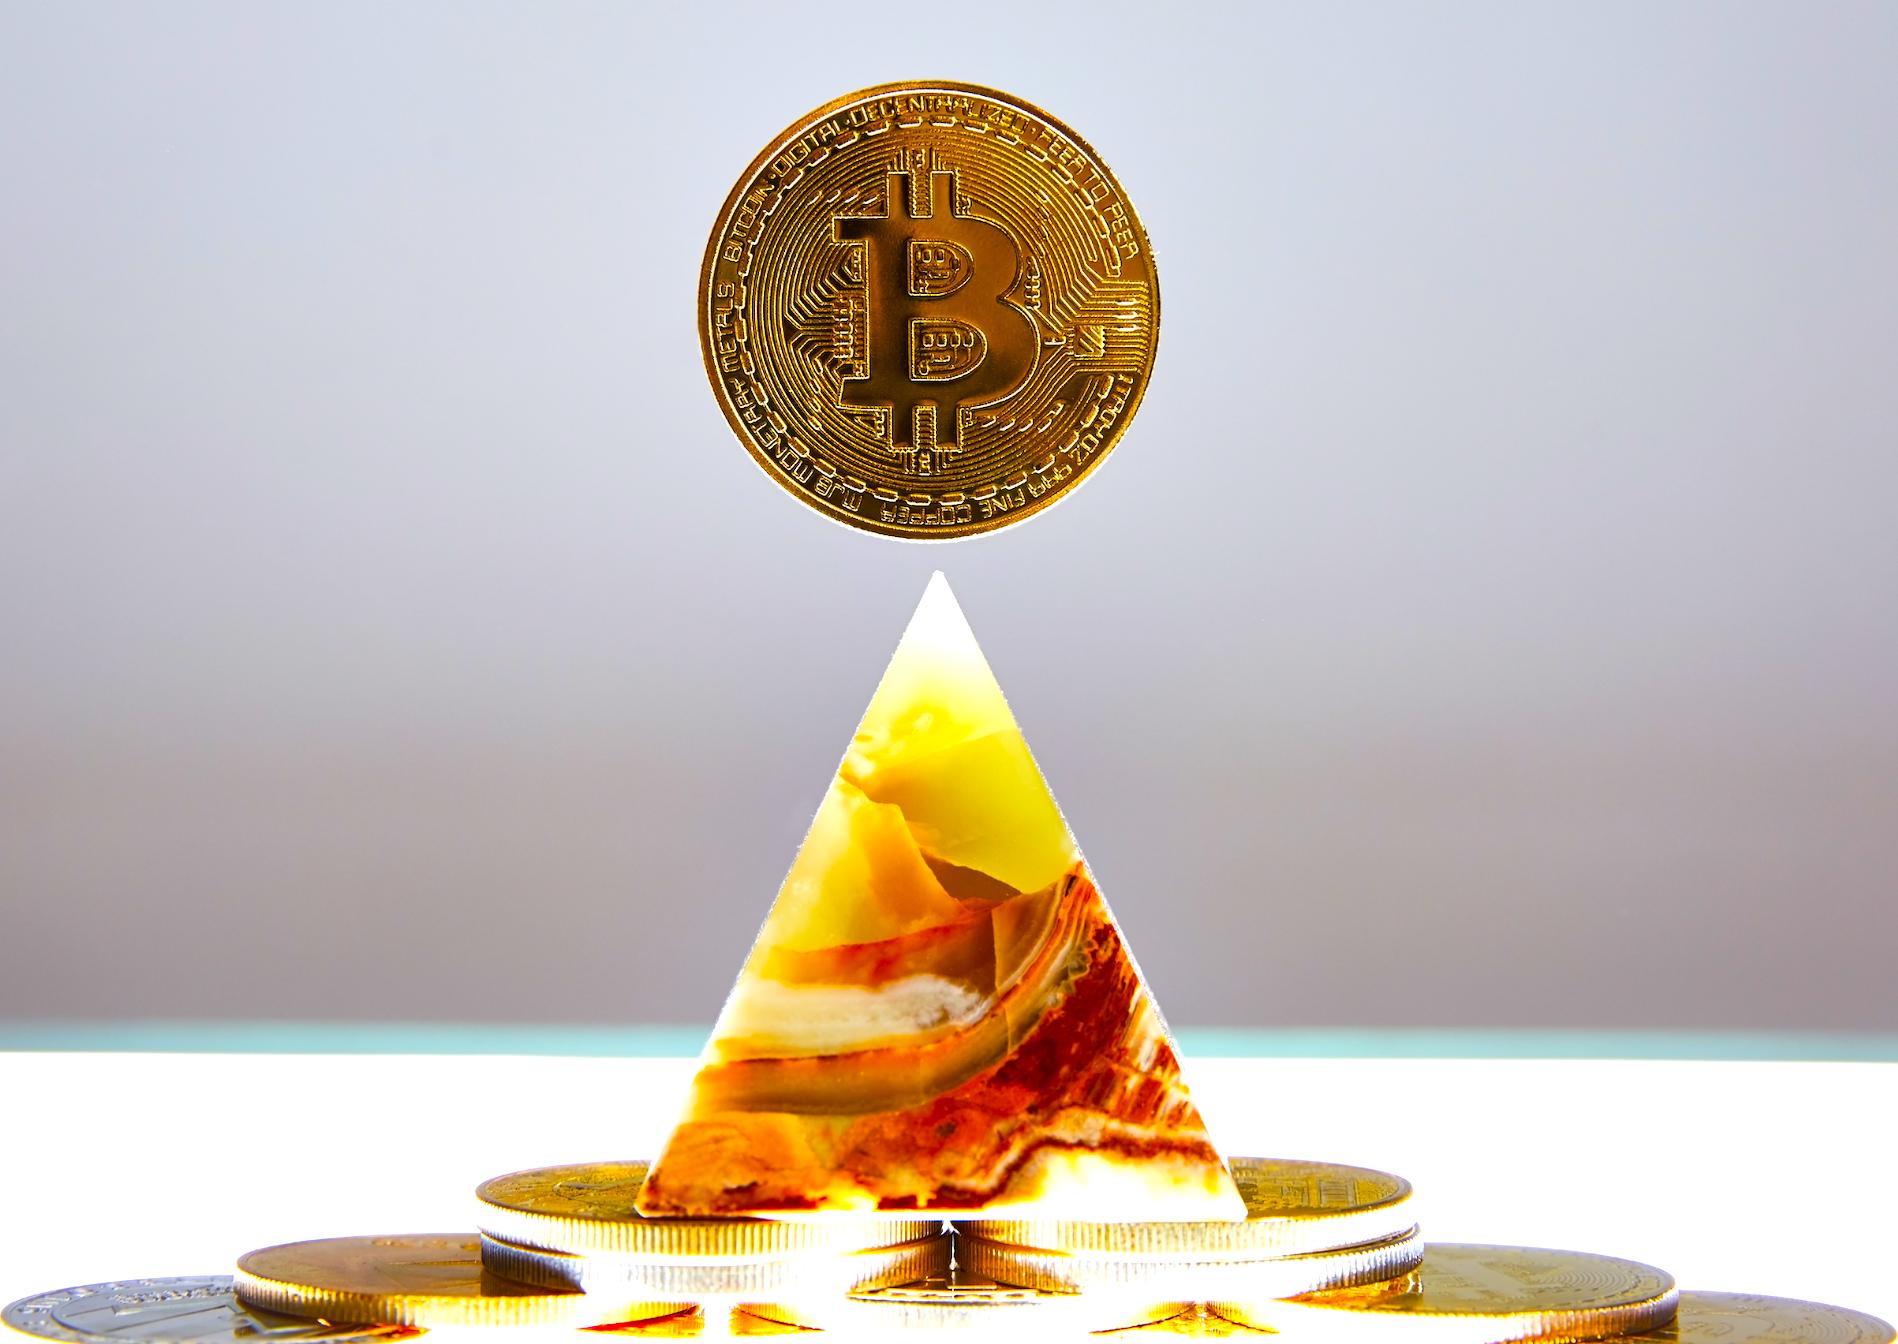 Sistemul Bitcoin este de încredere? 🥇 Asigurați-vă că citiți înainte de a investi!